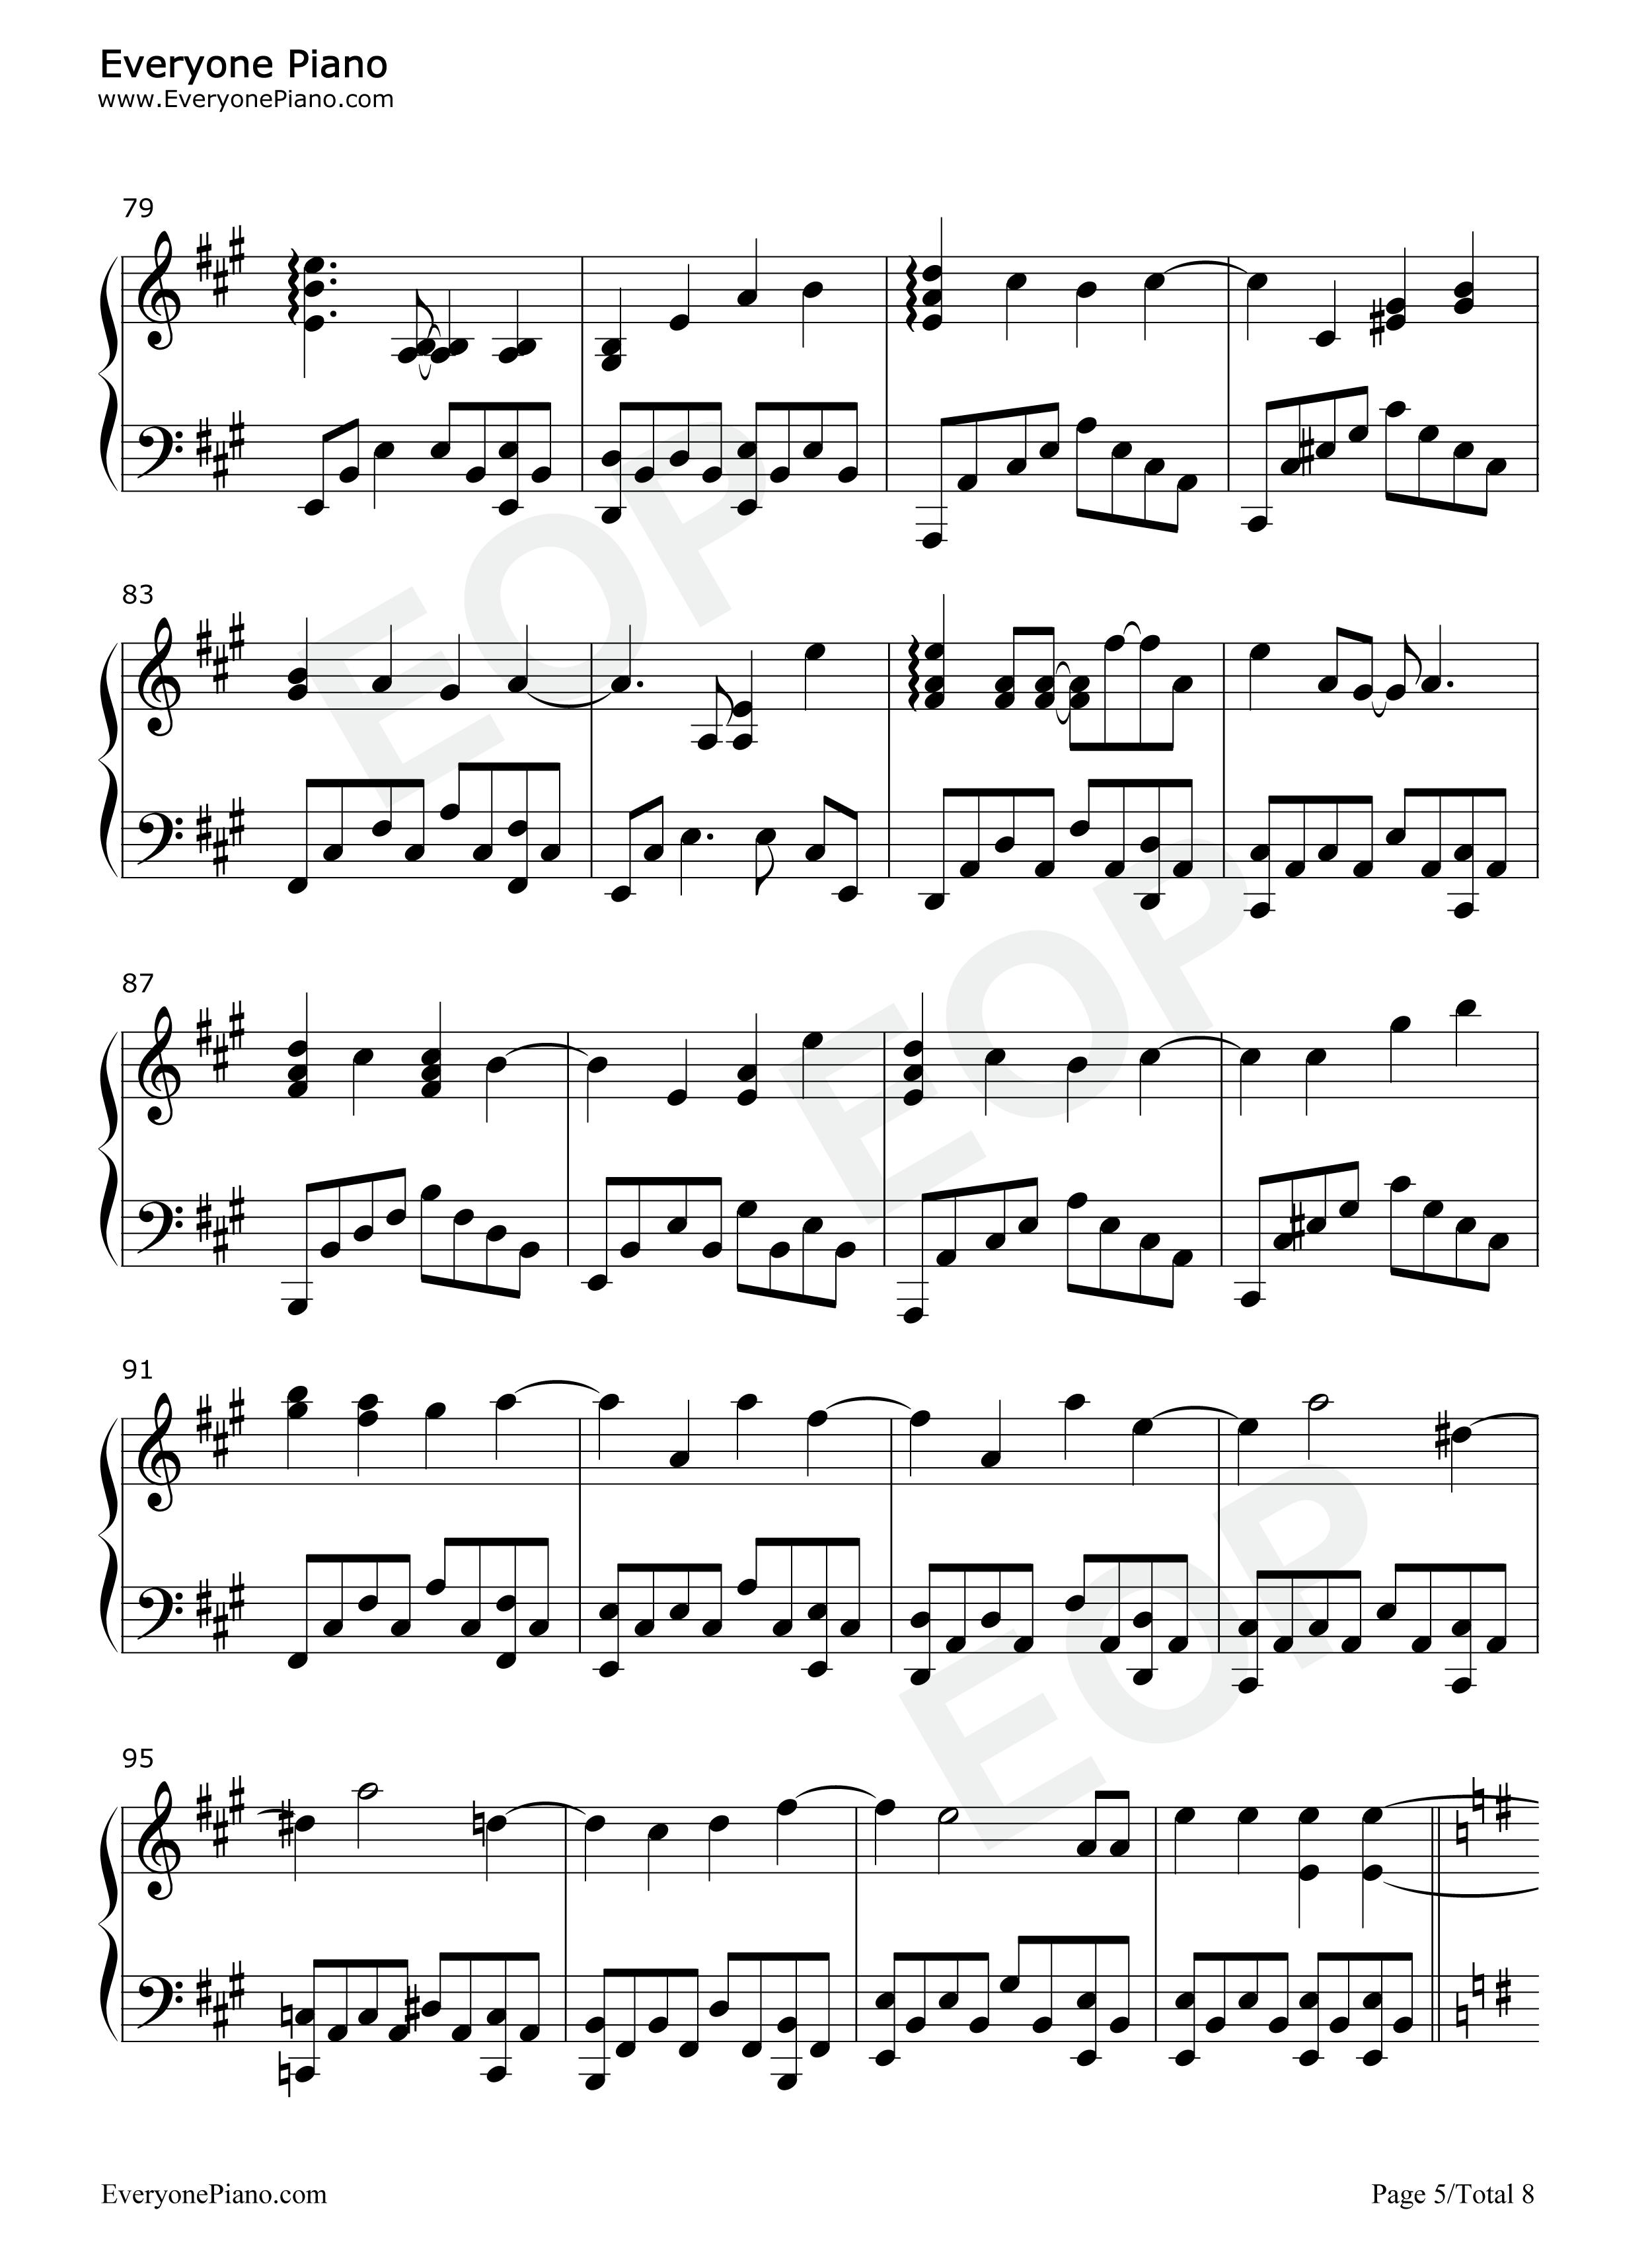 樱花树下-张敬轩五线谱预览5-钢琴谱(五线谱,双手简谱